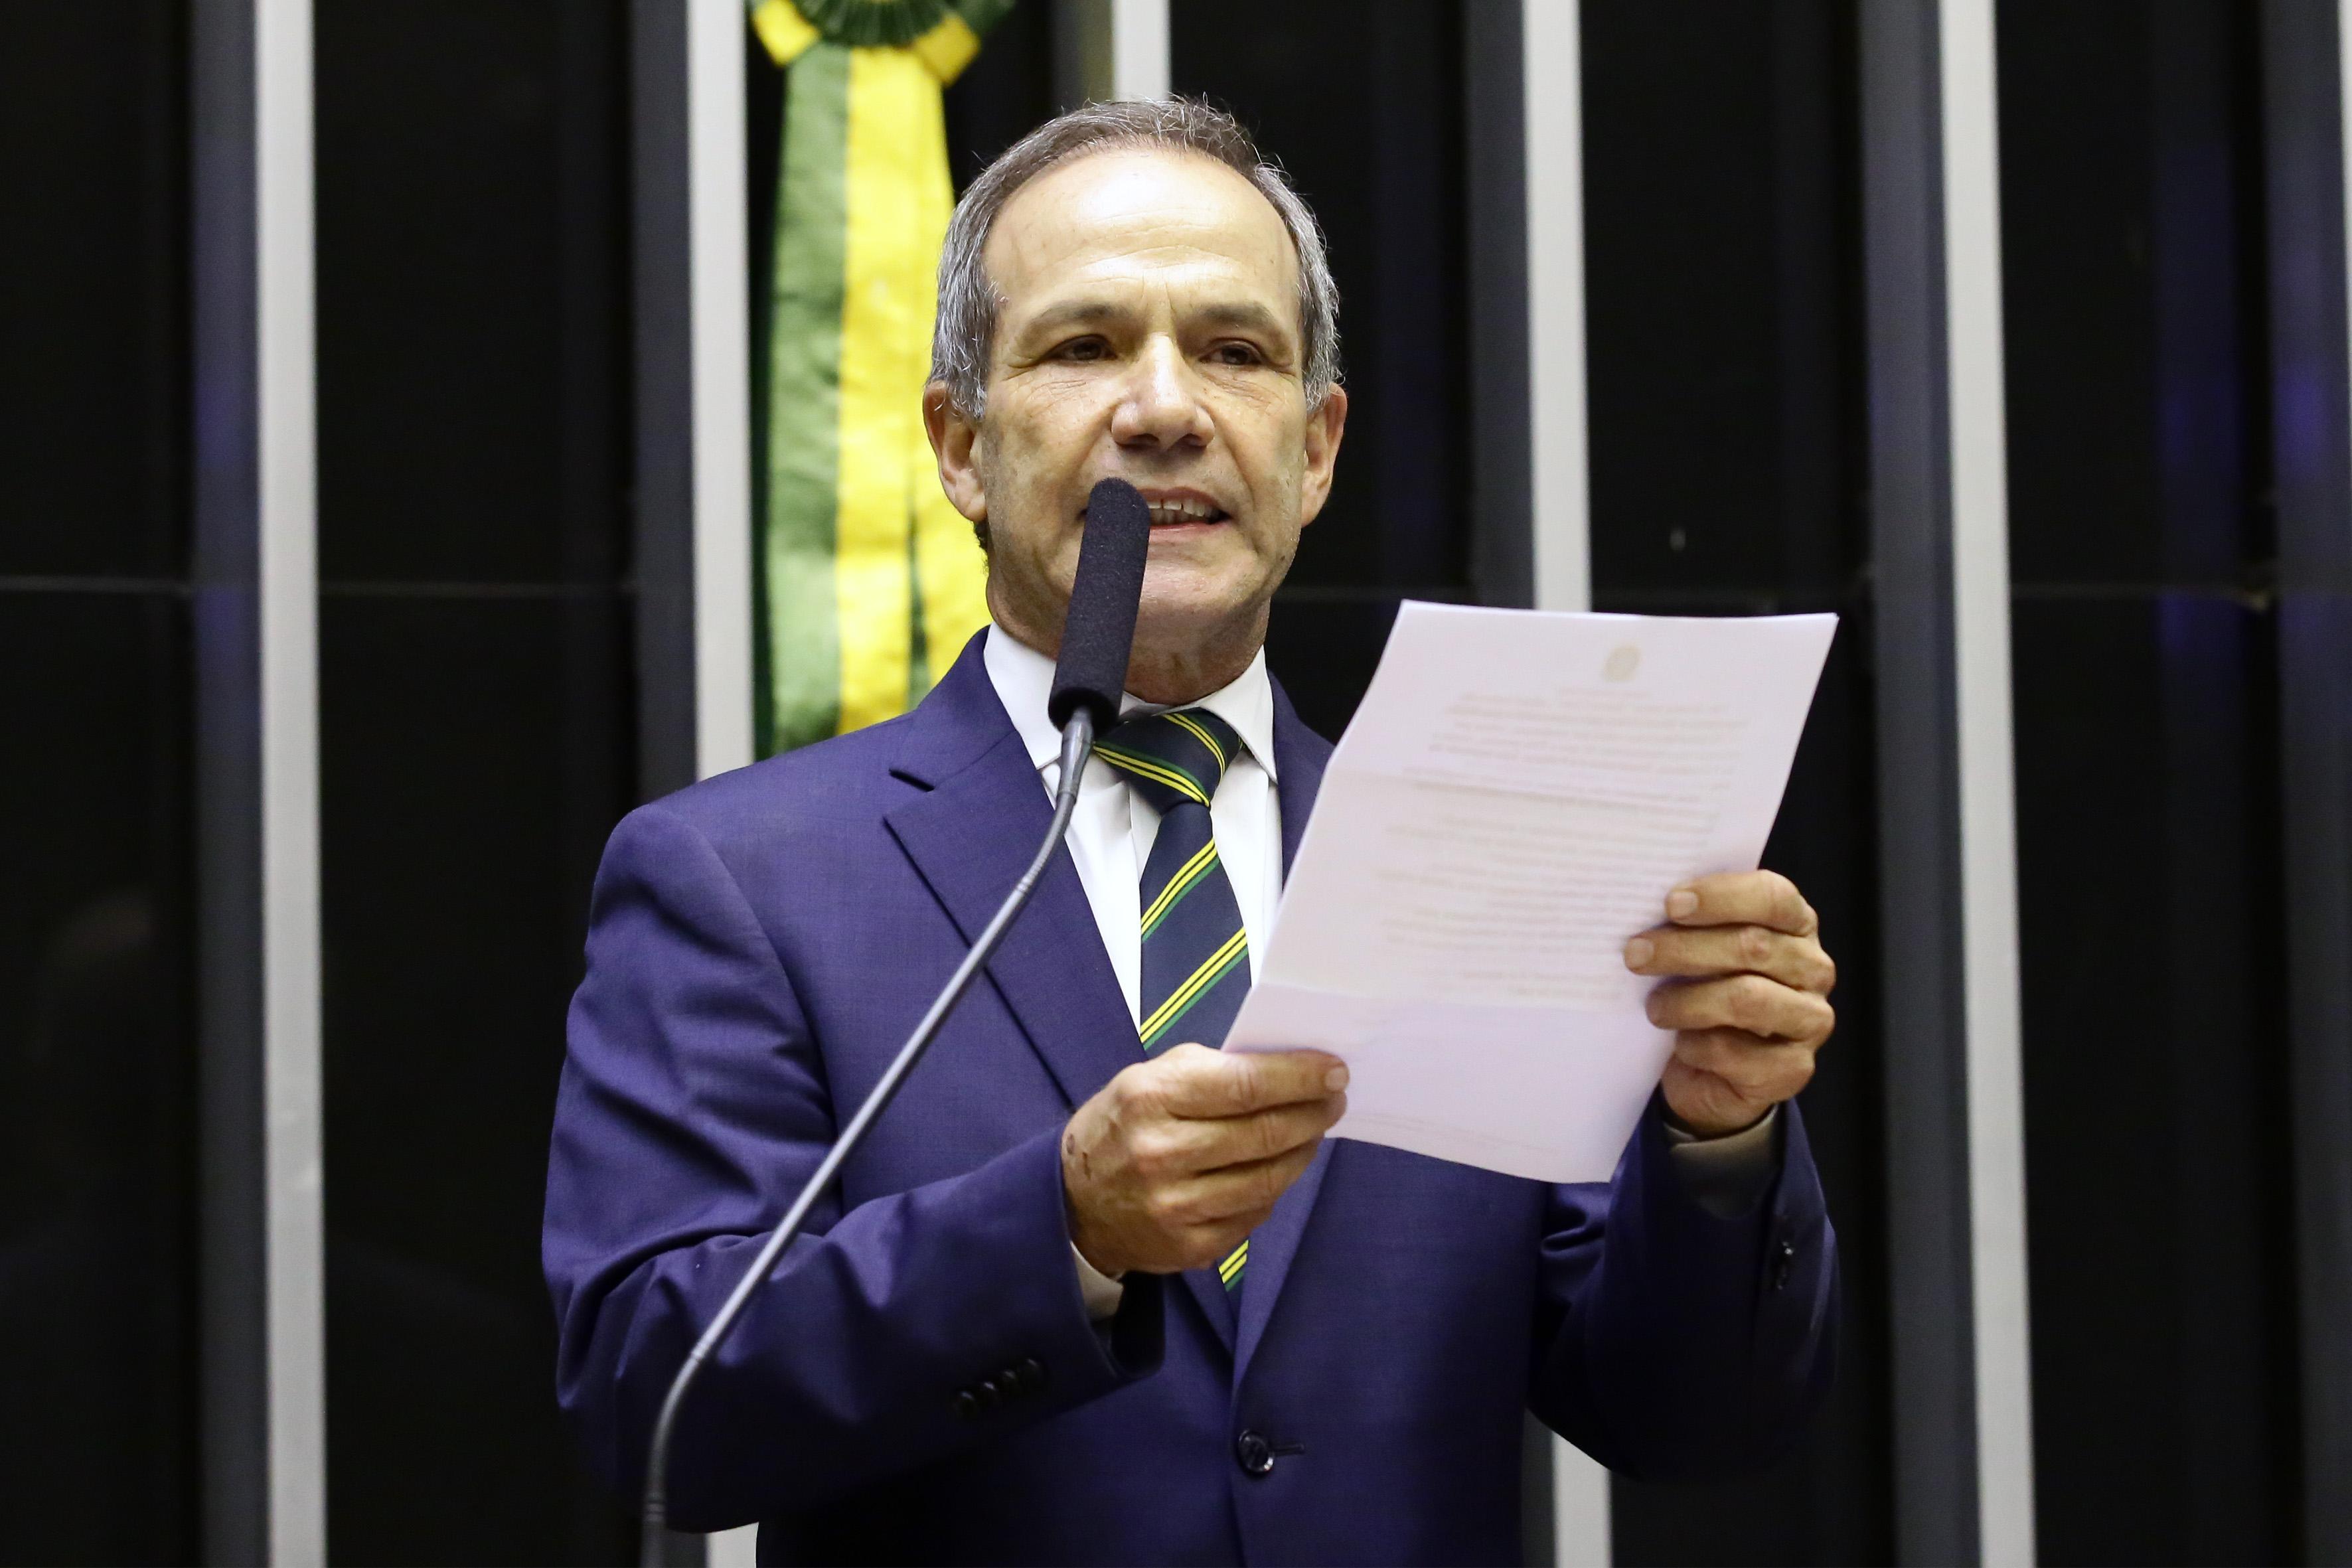 2ª Sessão Preparatória destinada à eleição dos membros da Mesa Diretora da Câmara dos Deputados para o biênio 2019/2020. Candidato à presidência da Câmara, dep. General Peternelli (PSL-SP)